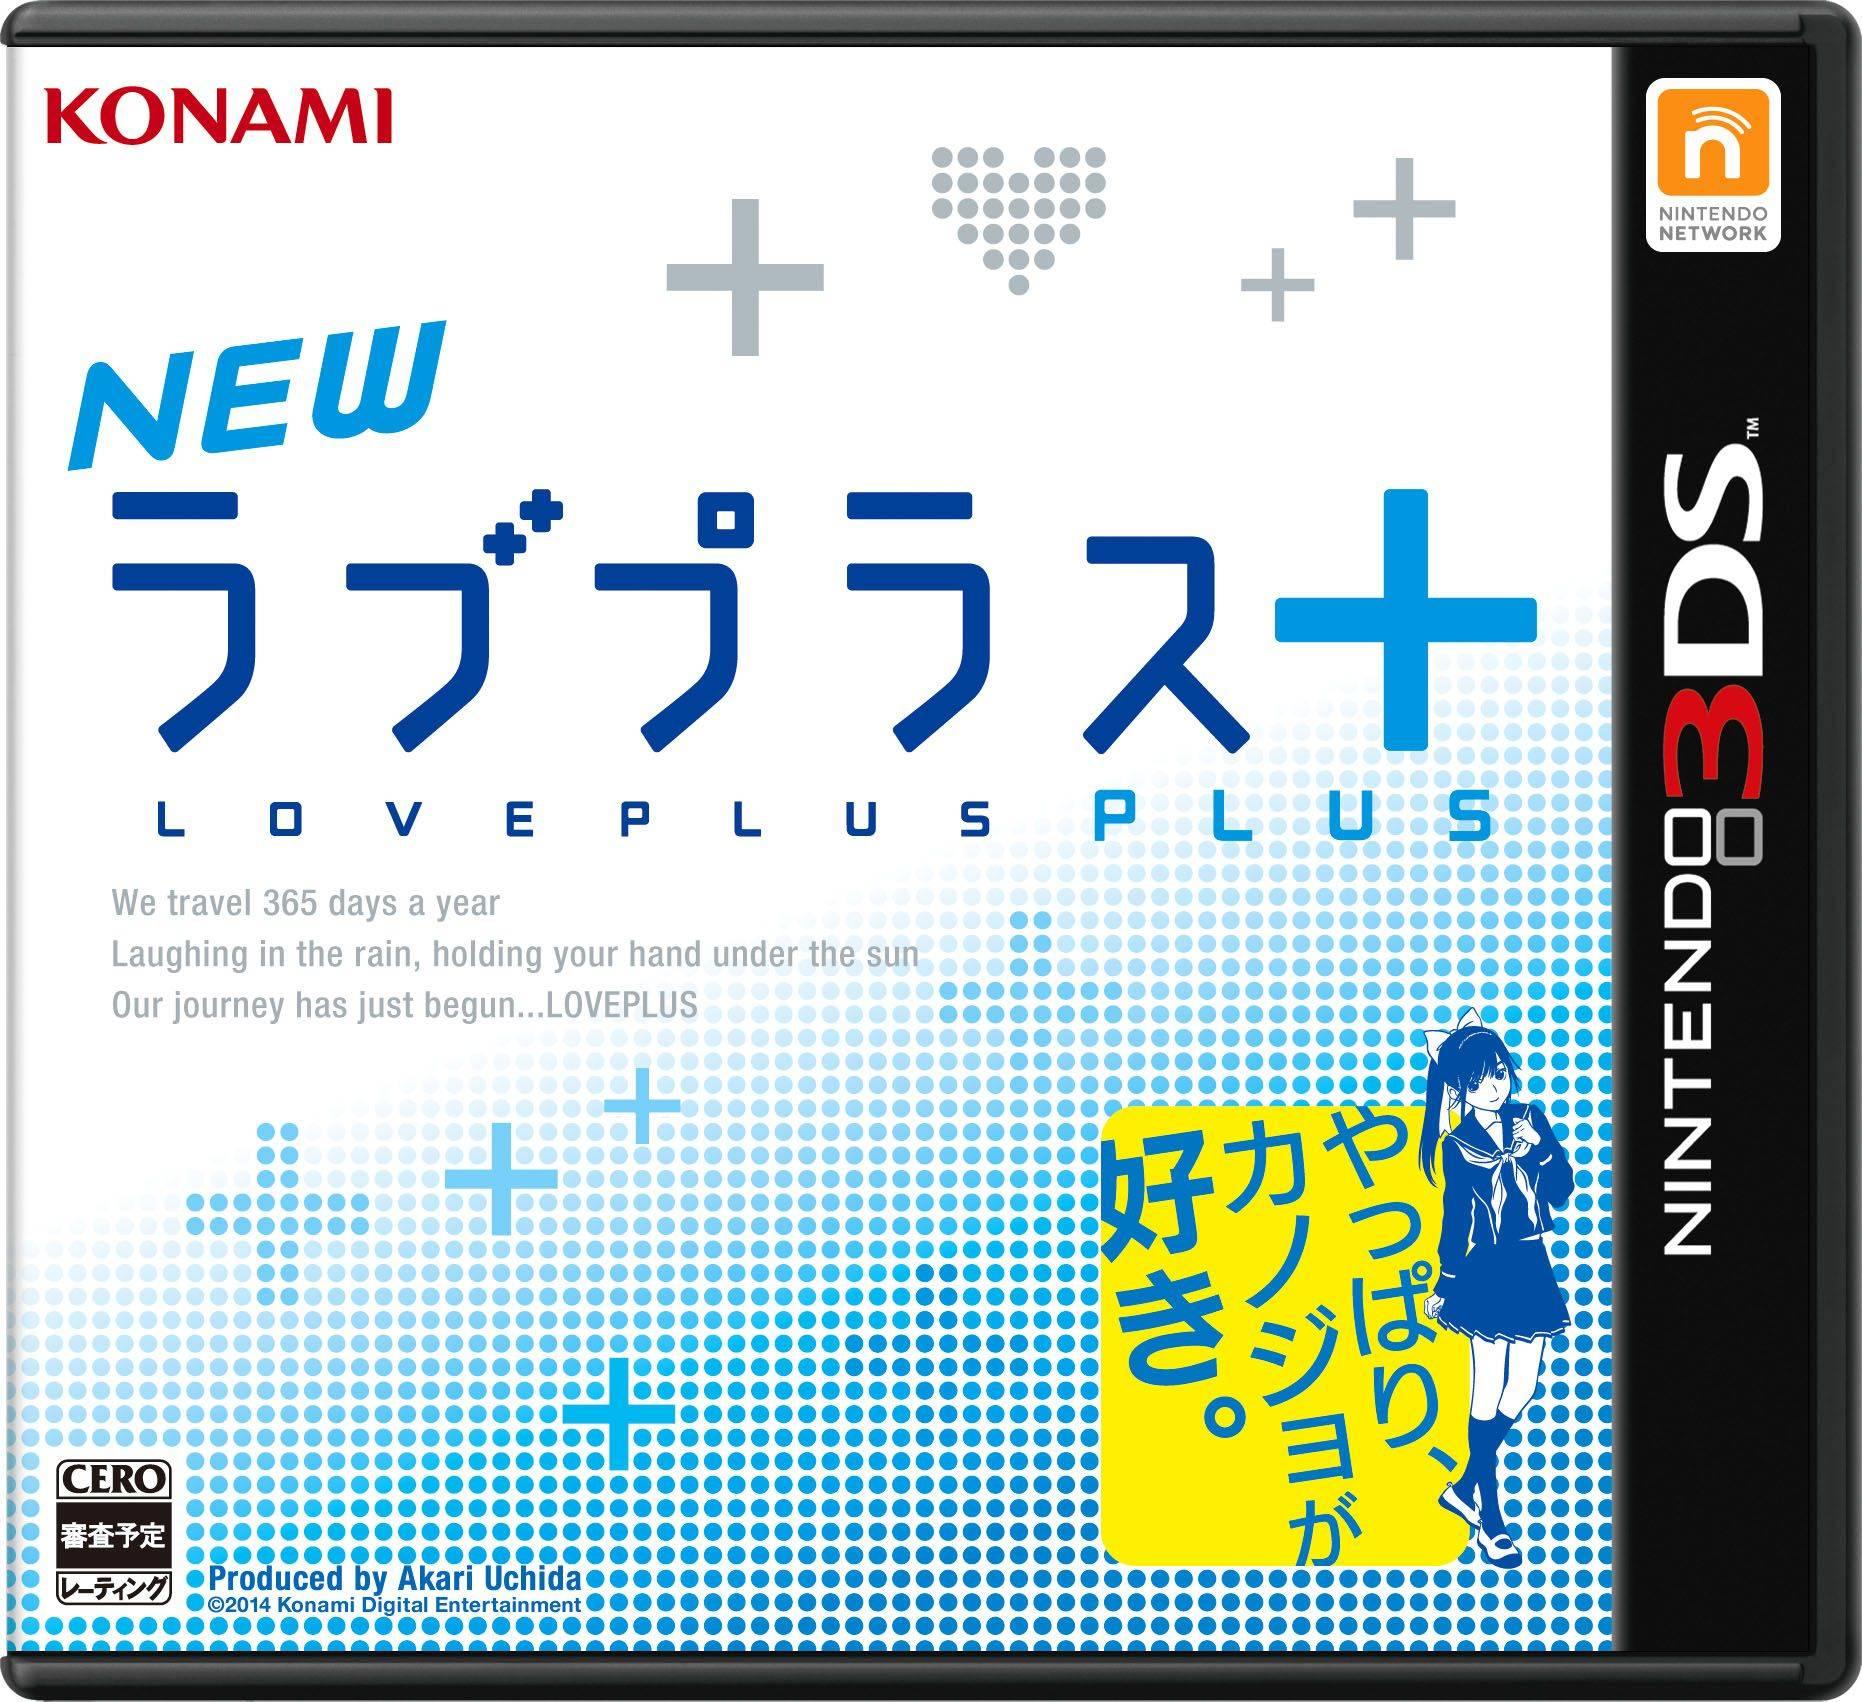 New Love Plus + - recenzja gry - rascal.pl